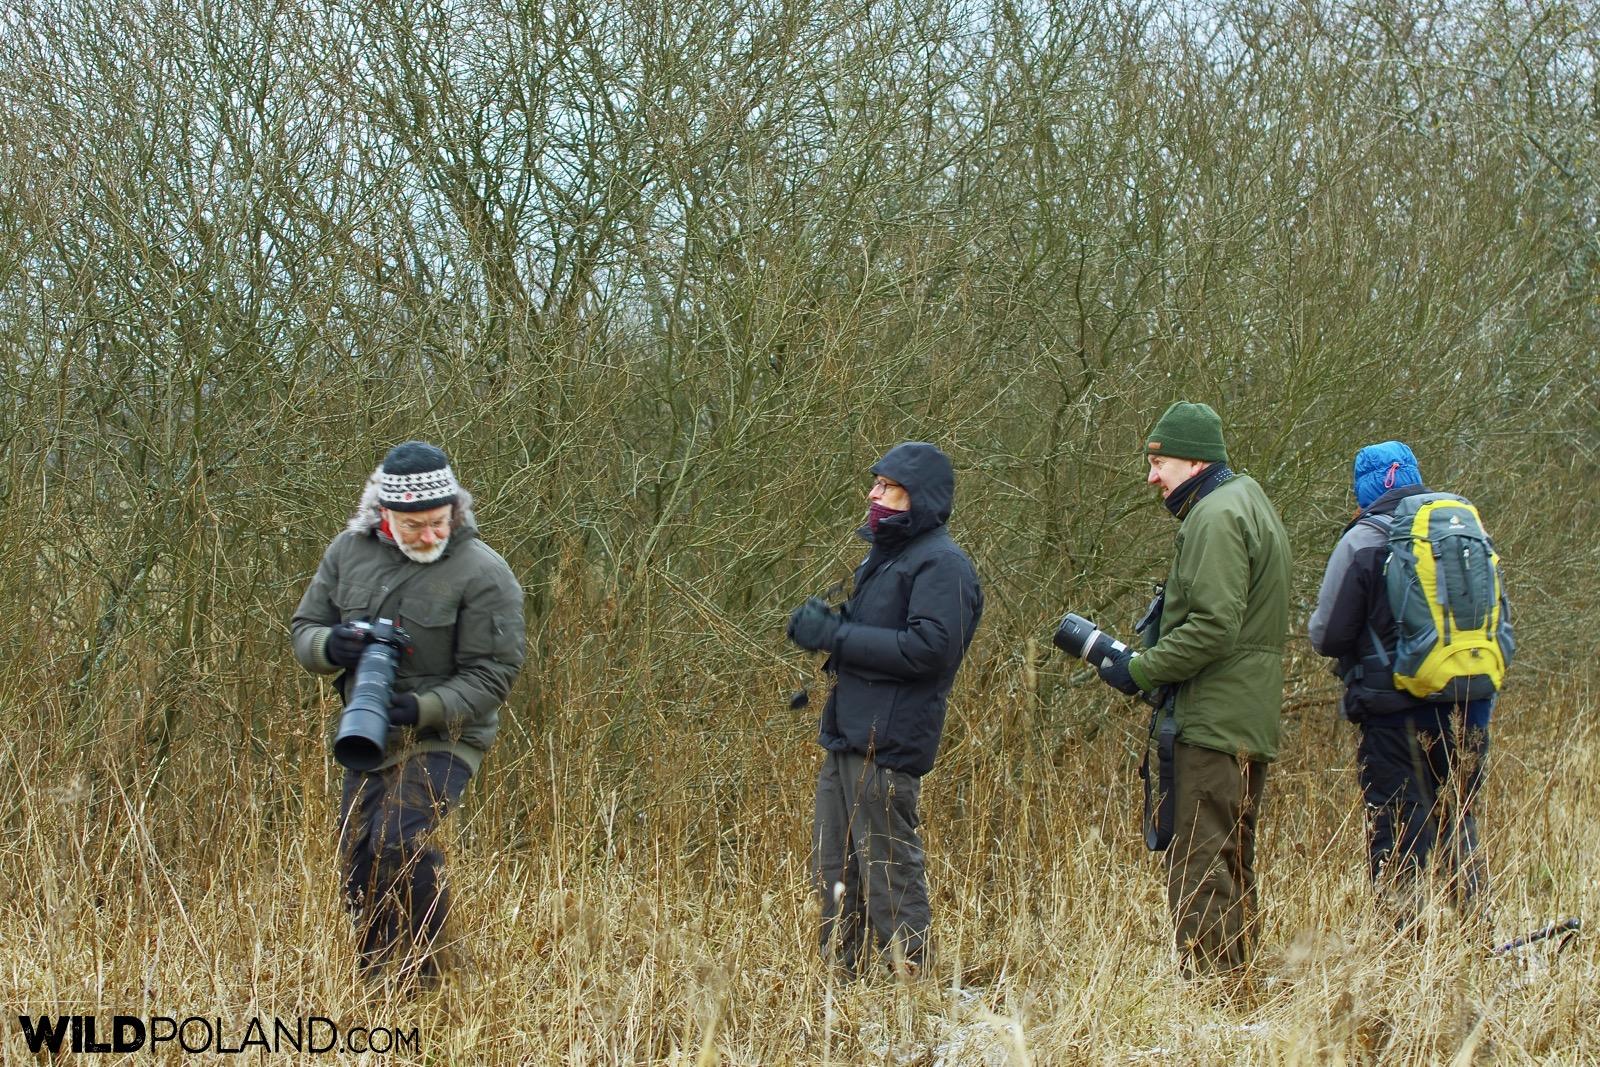 Wildlife watching with Wild Poland, Białowieża Forest, photo by Andrzej Petryna